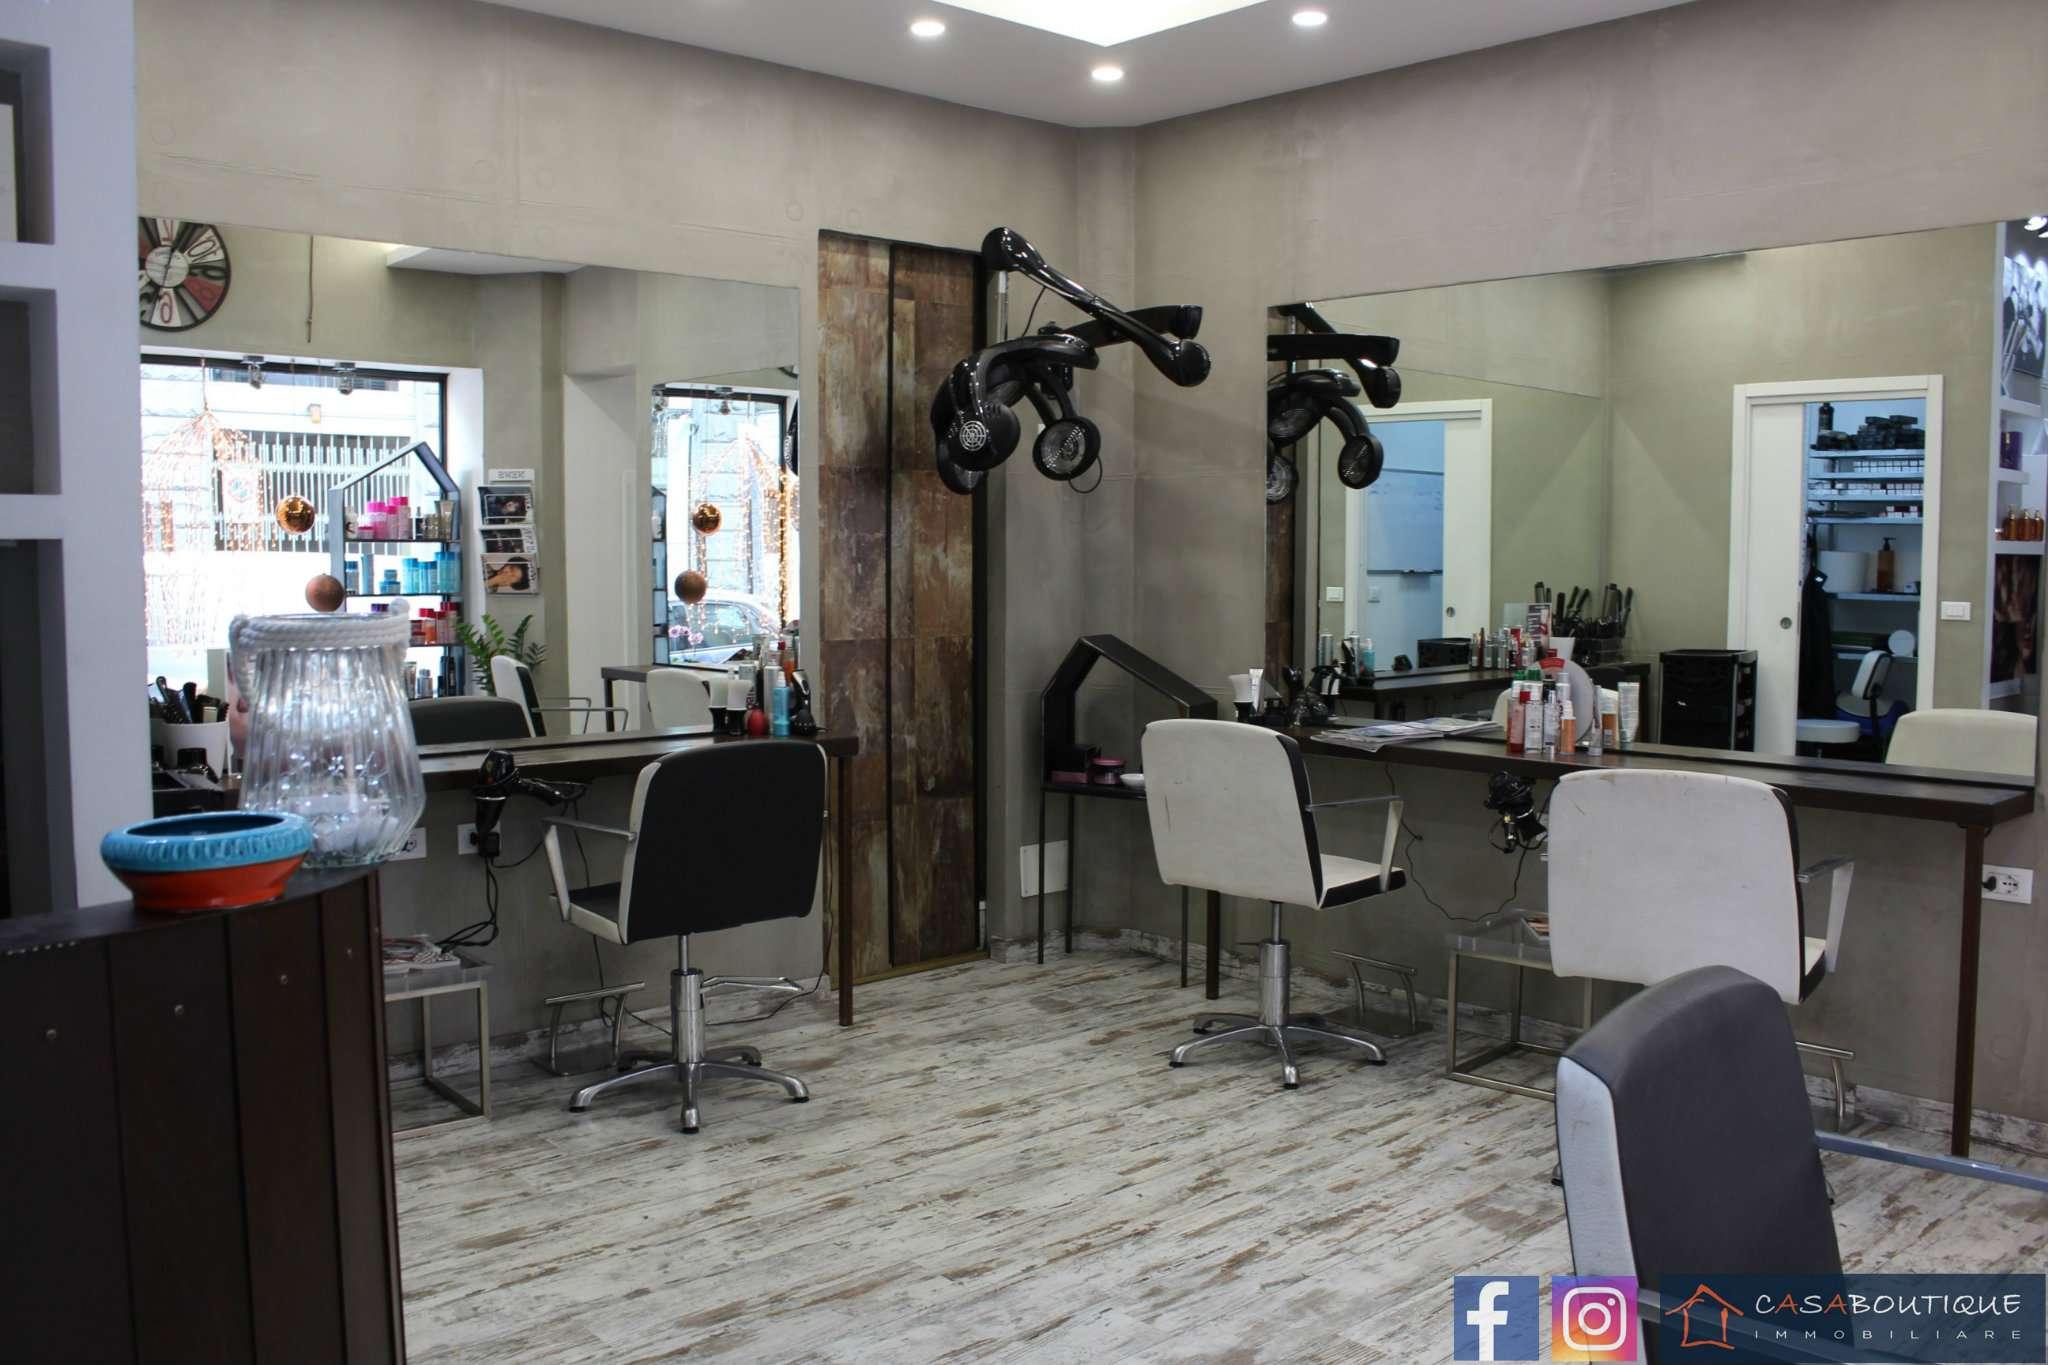 Locale Commerciale Locato - Ottima rendita Rif. 8939219